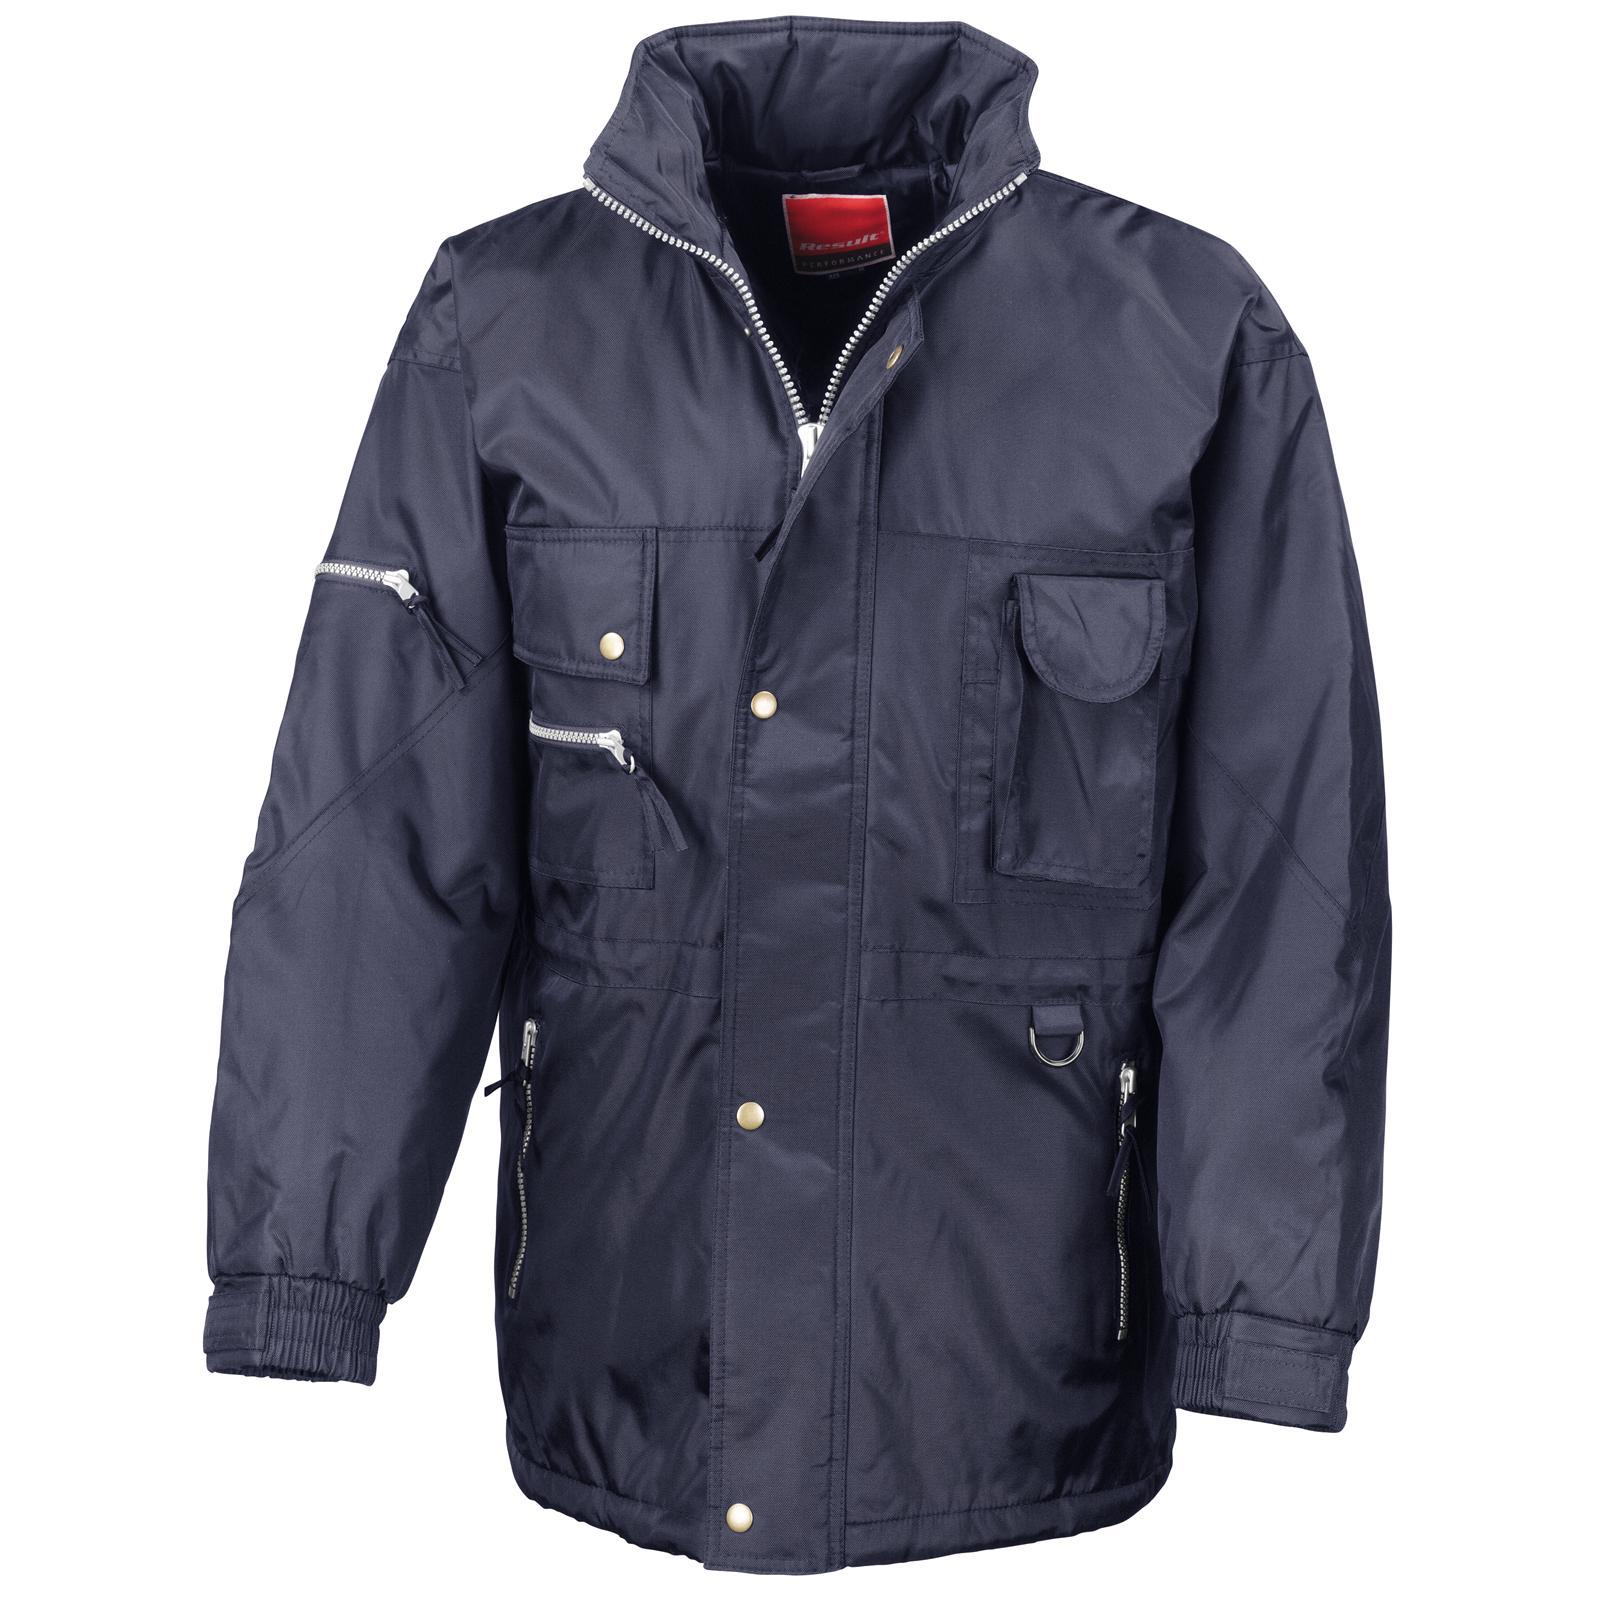 Xxl Waterproof Jacket